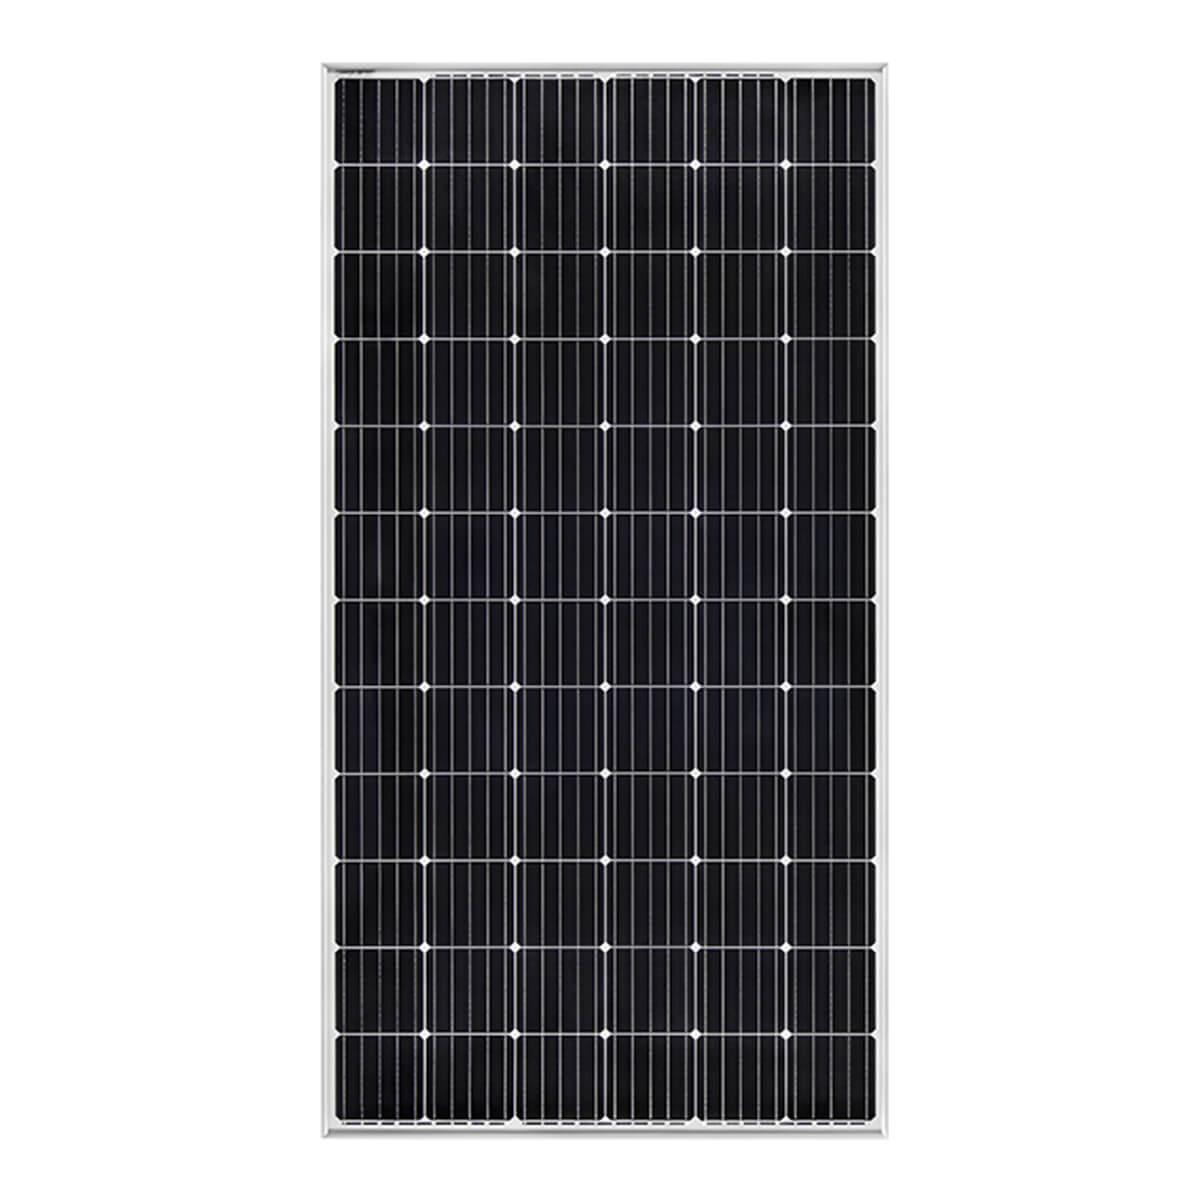 2h enerji winasol 390W panel, 2h enerji winasol 390Watt panel, 2h enerji winasol 390 W panel, 2h enerji winasol 390 Watt panel, 2h enerji winasol 390 Watt monokristal panel, 2h enerji winasol 390 W watt gunes paneli, 2h enerji winasol 390 W watt monokristal gunes paneli, 2h enerji winasol 390 W Watt fotovoltaik monokristal solar panel, 2h enerji winasol 390W monokristal gunes enerjisi, 2h enerji winasol 72-M3-390W panel, WINASOL 390 WATT